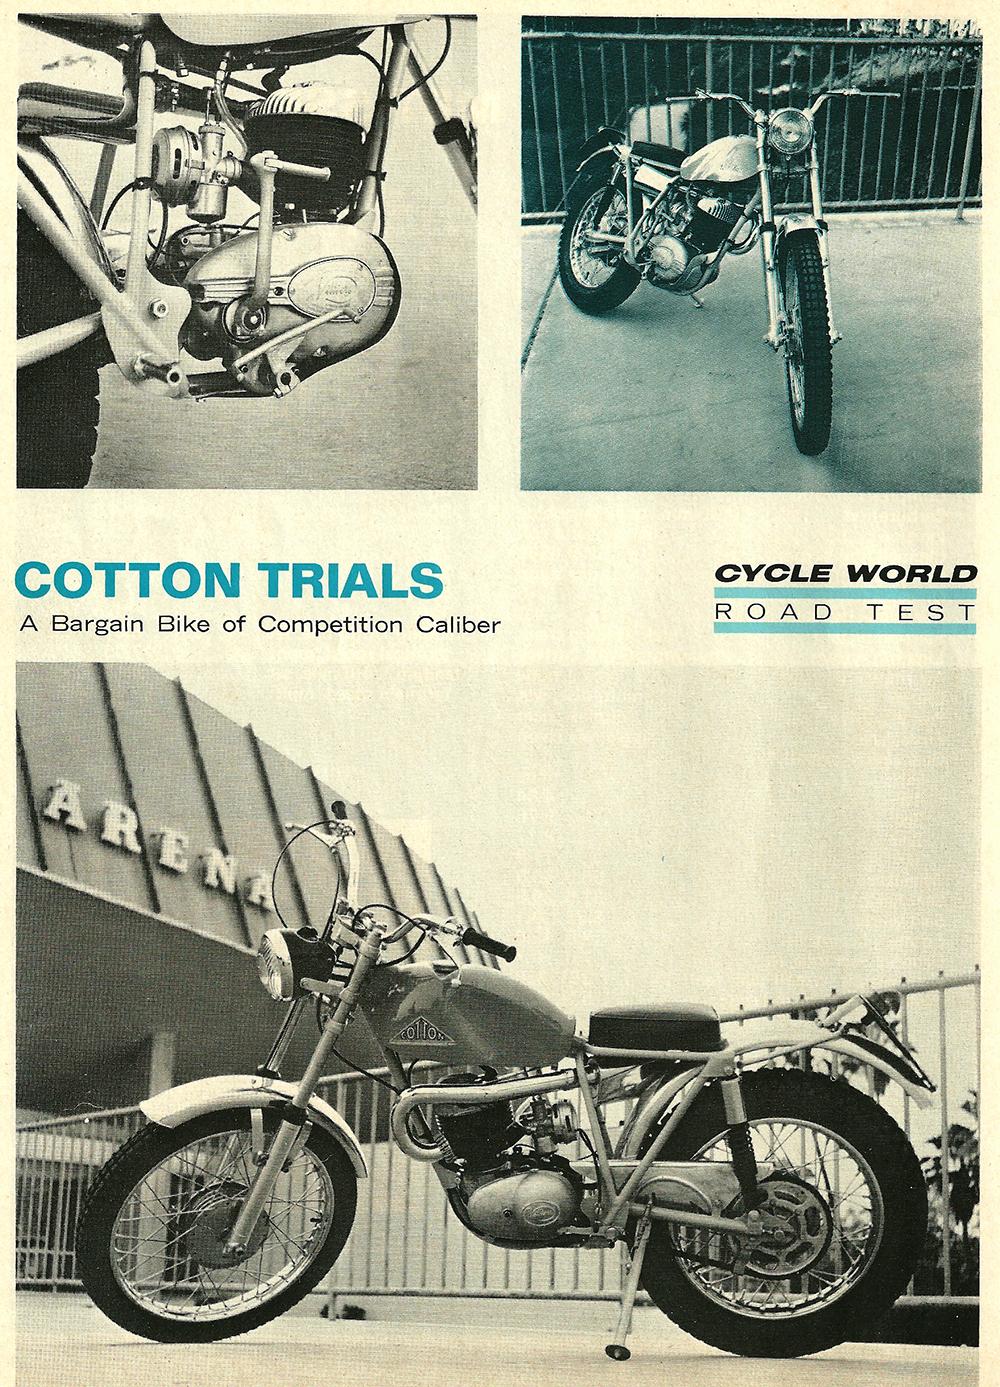 1968 Cotton Trials road test 01.jpg